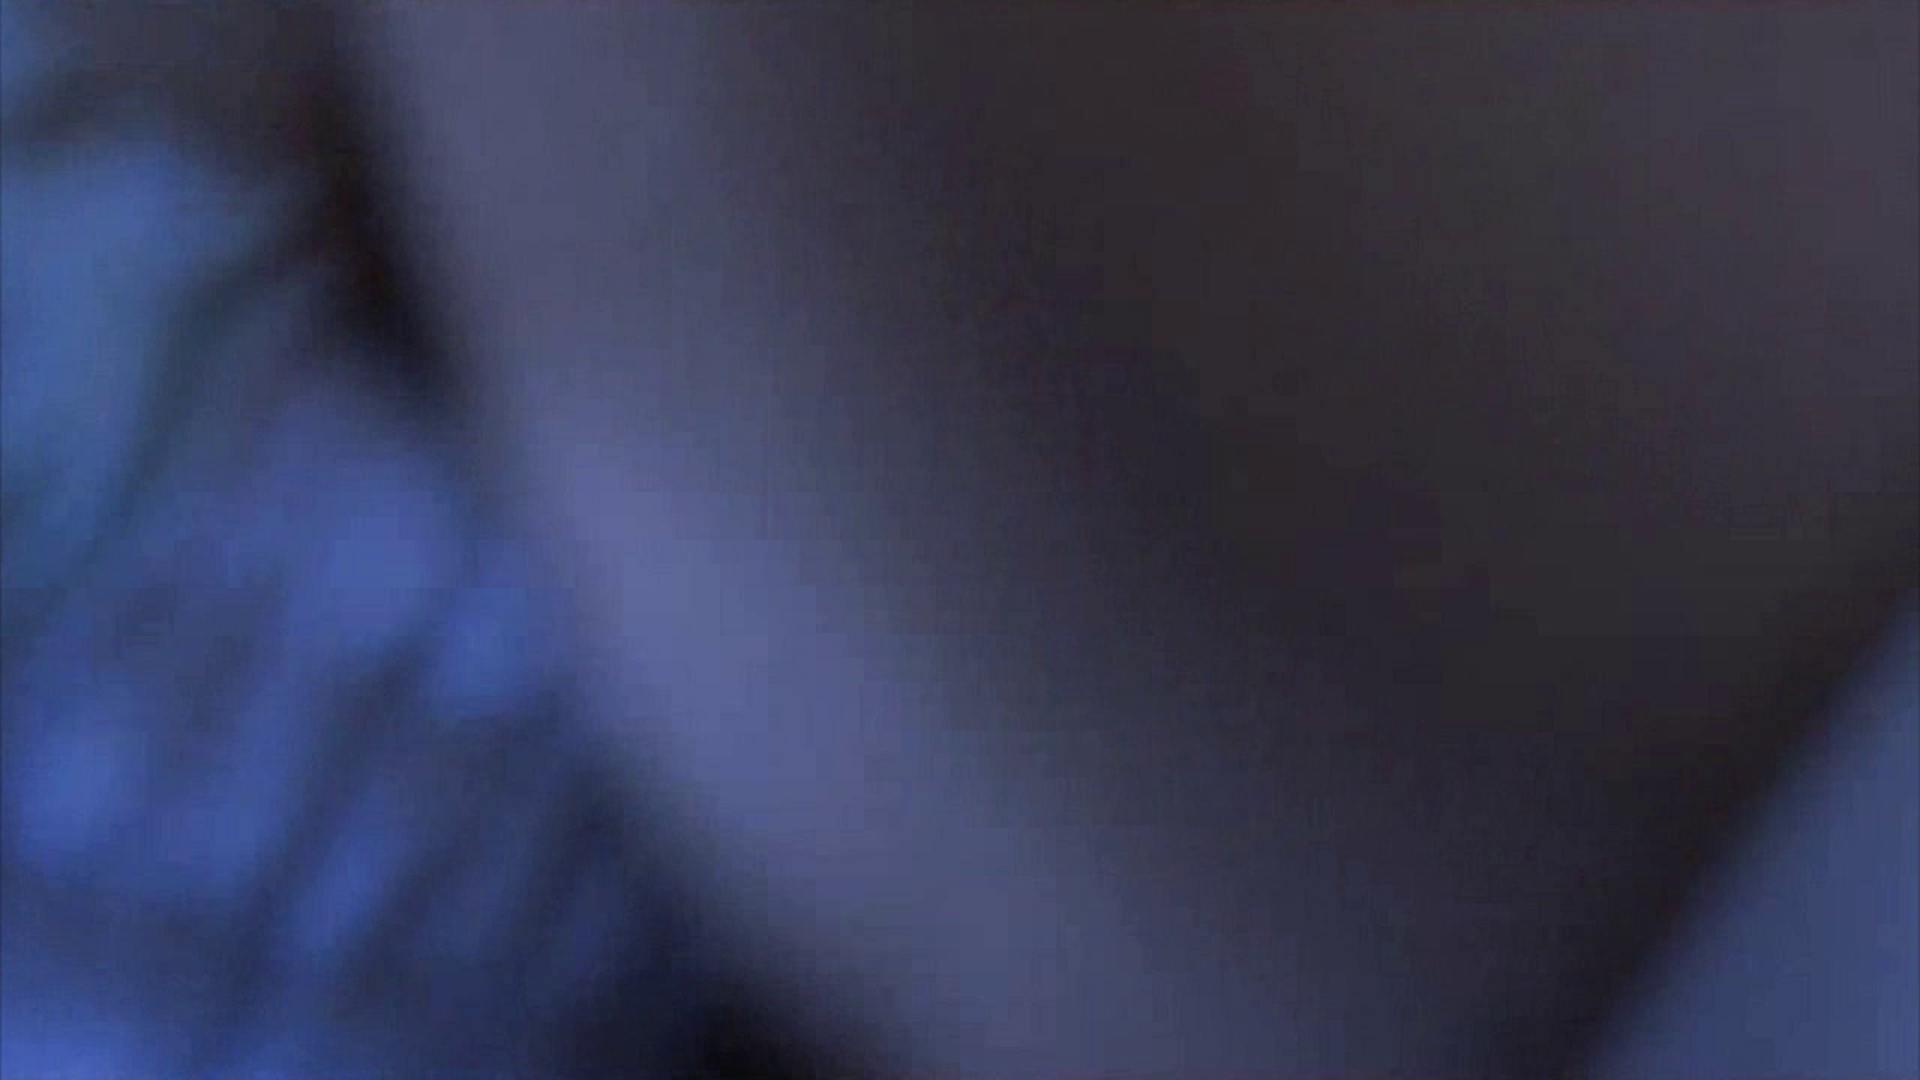 vol.5 ー前編ーユリナちゃんの身体を隅々まで観察しました。 いじくり   民家  89画像 6